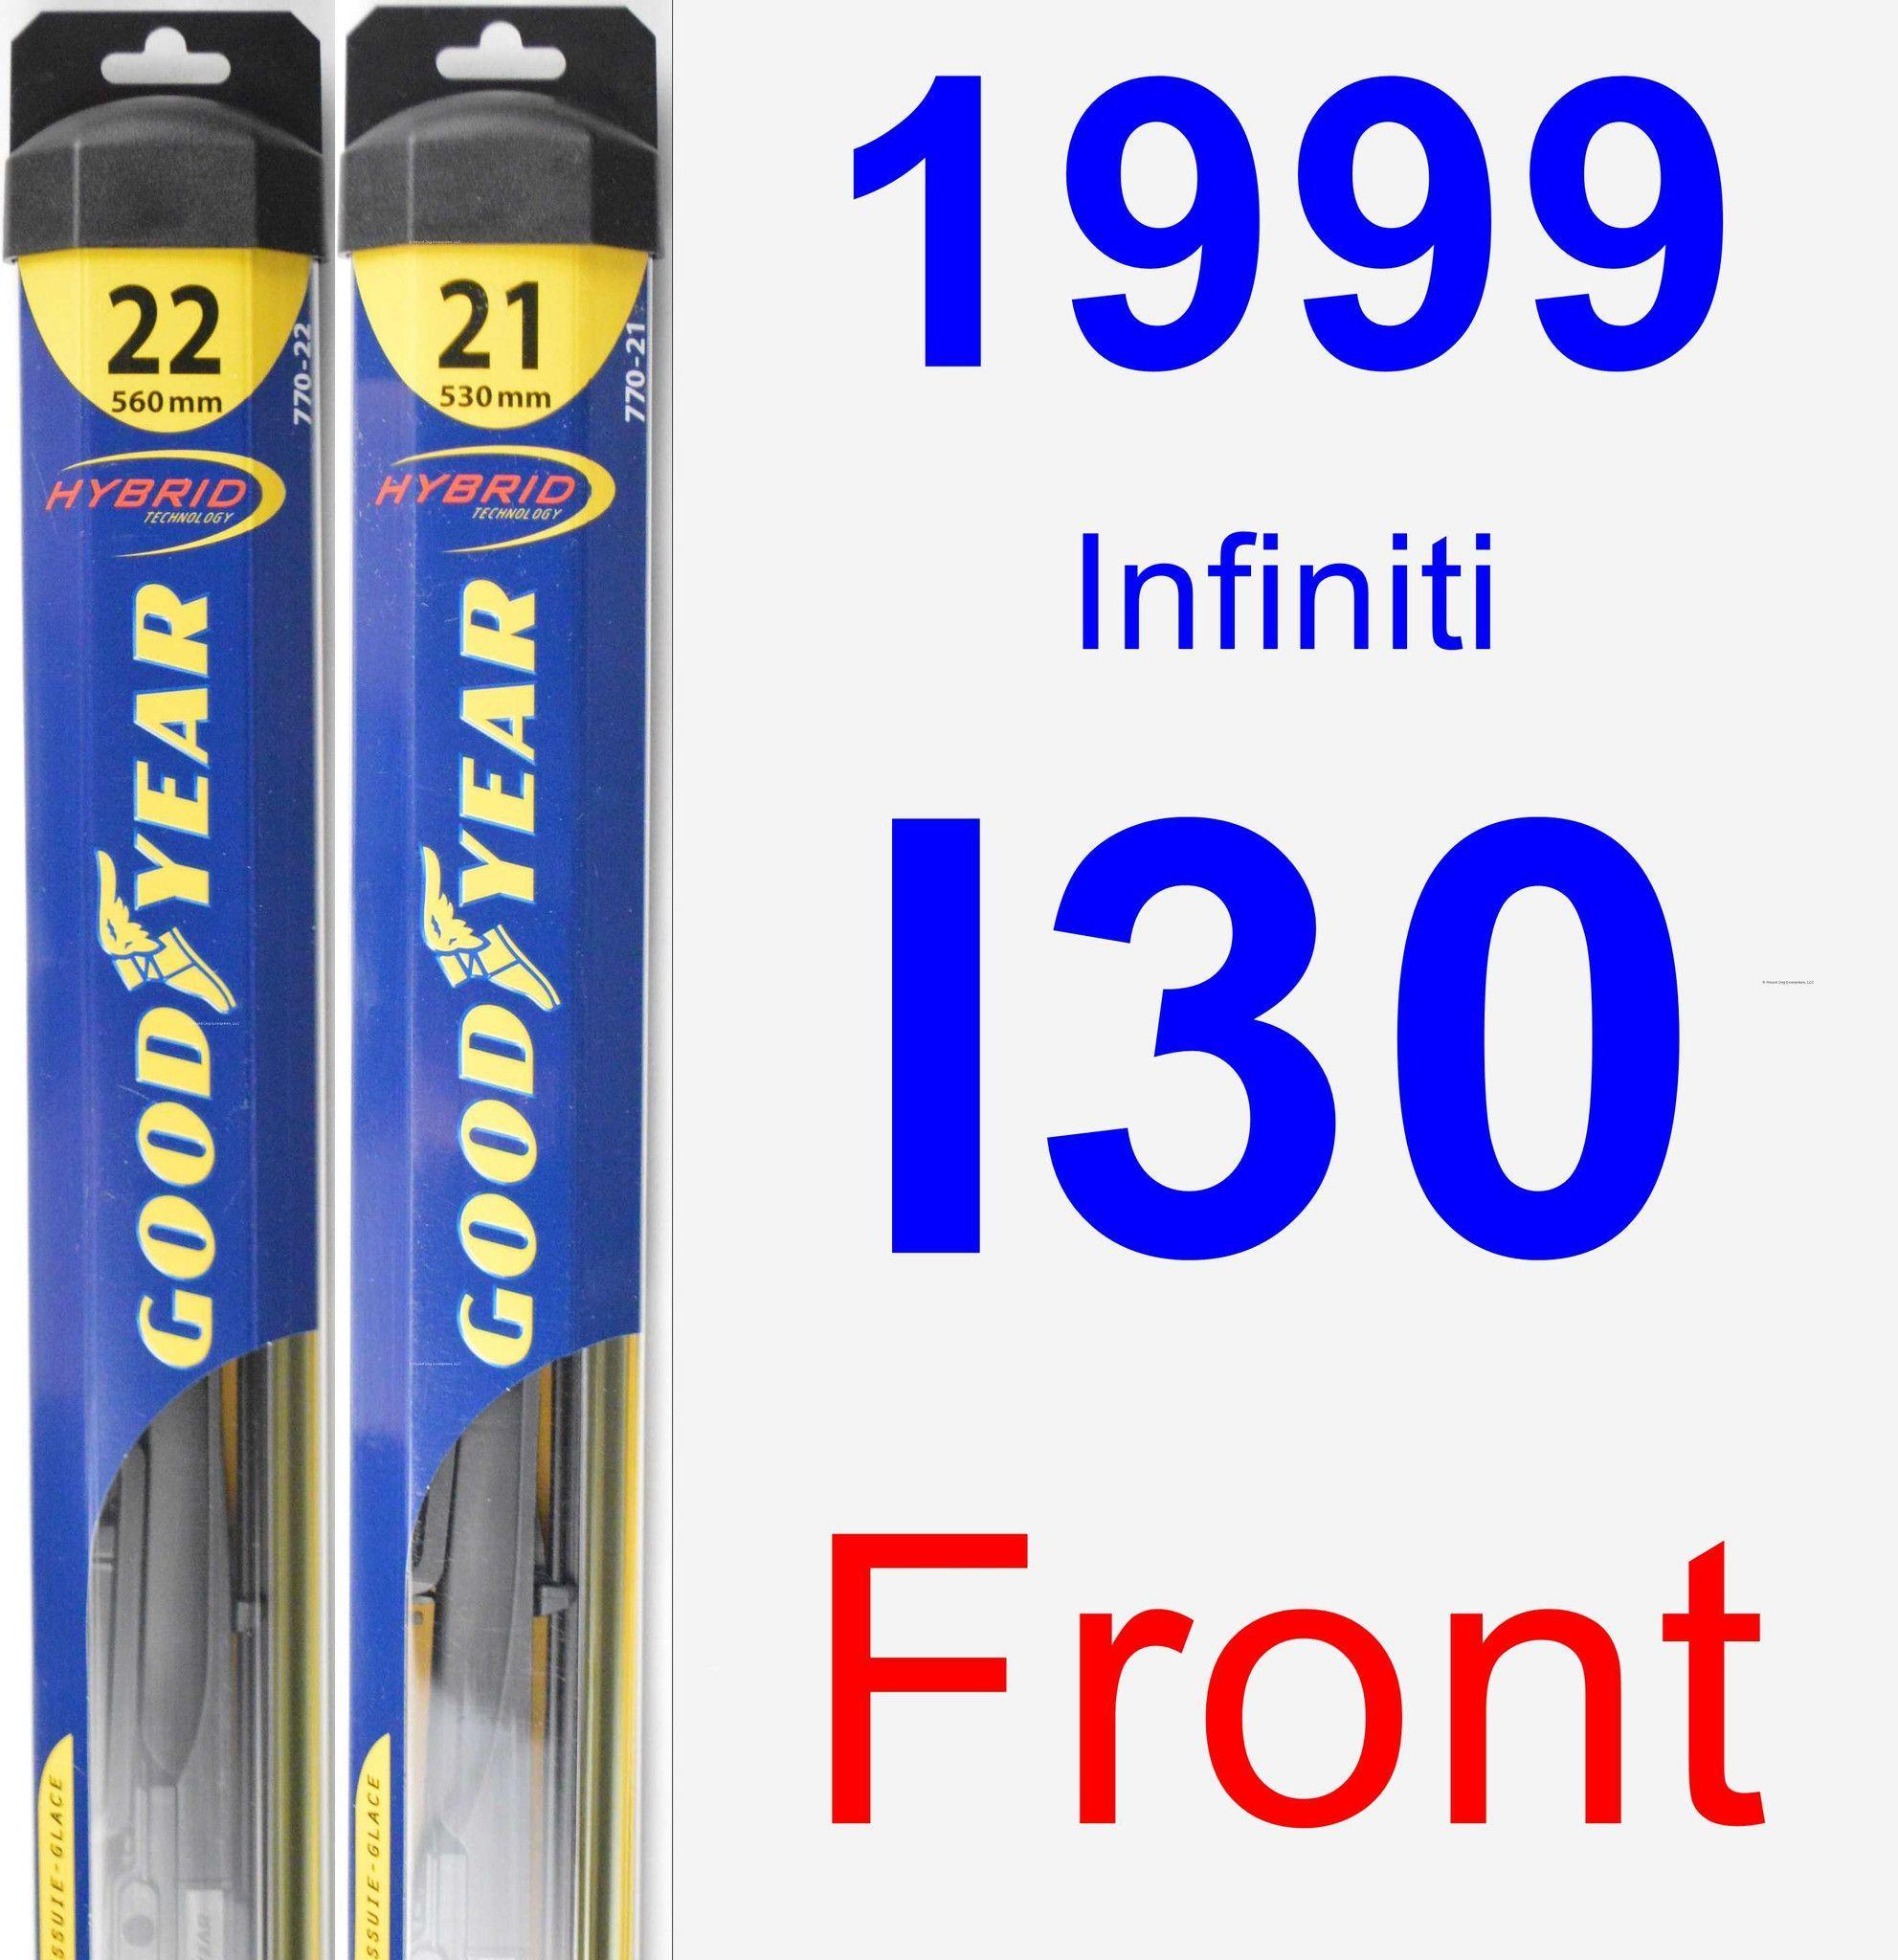 Front Wiper Blade Pack for 1999 Infiniti I30 Hybrid